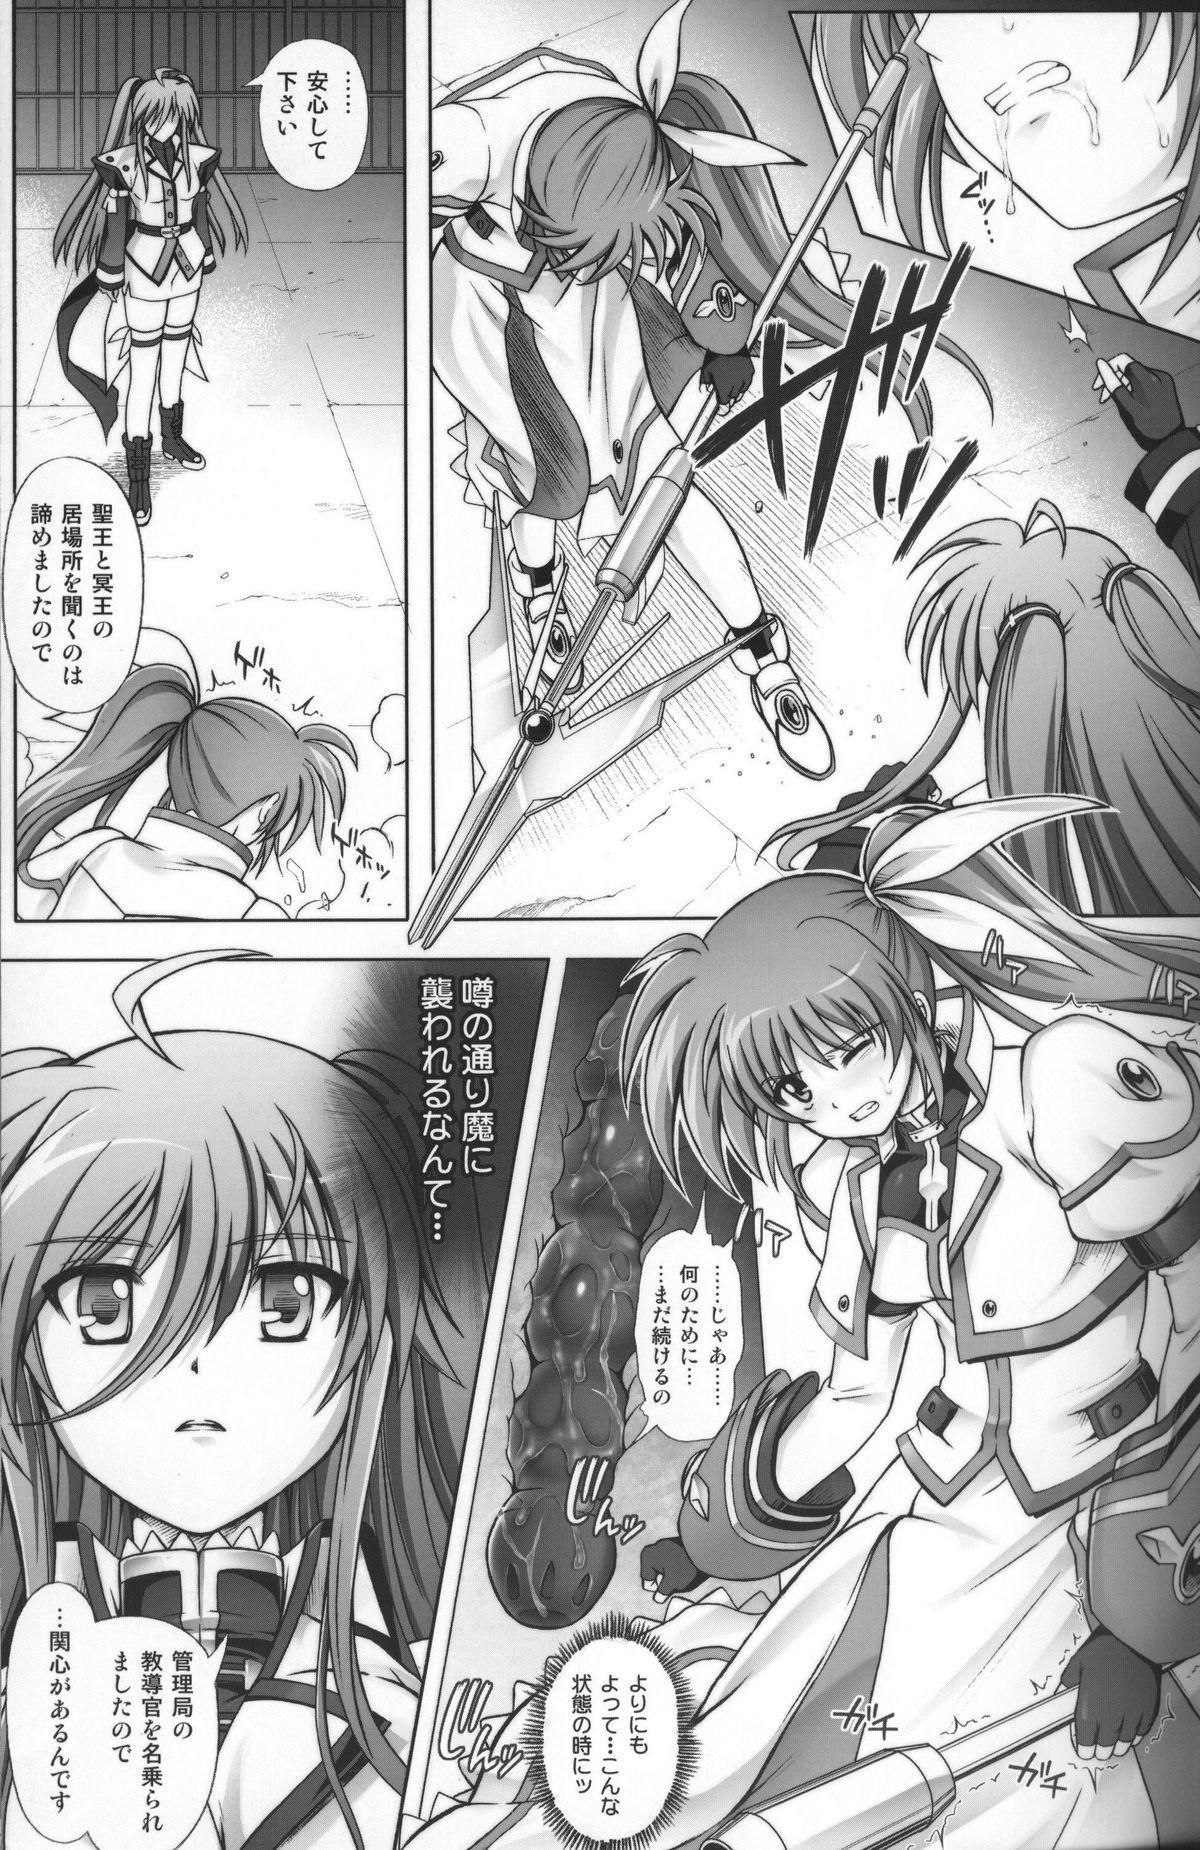 Nanoha-san ga Fukaku wo Totta! 6